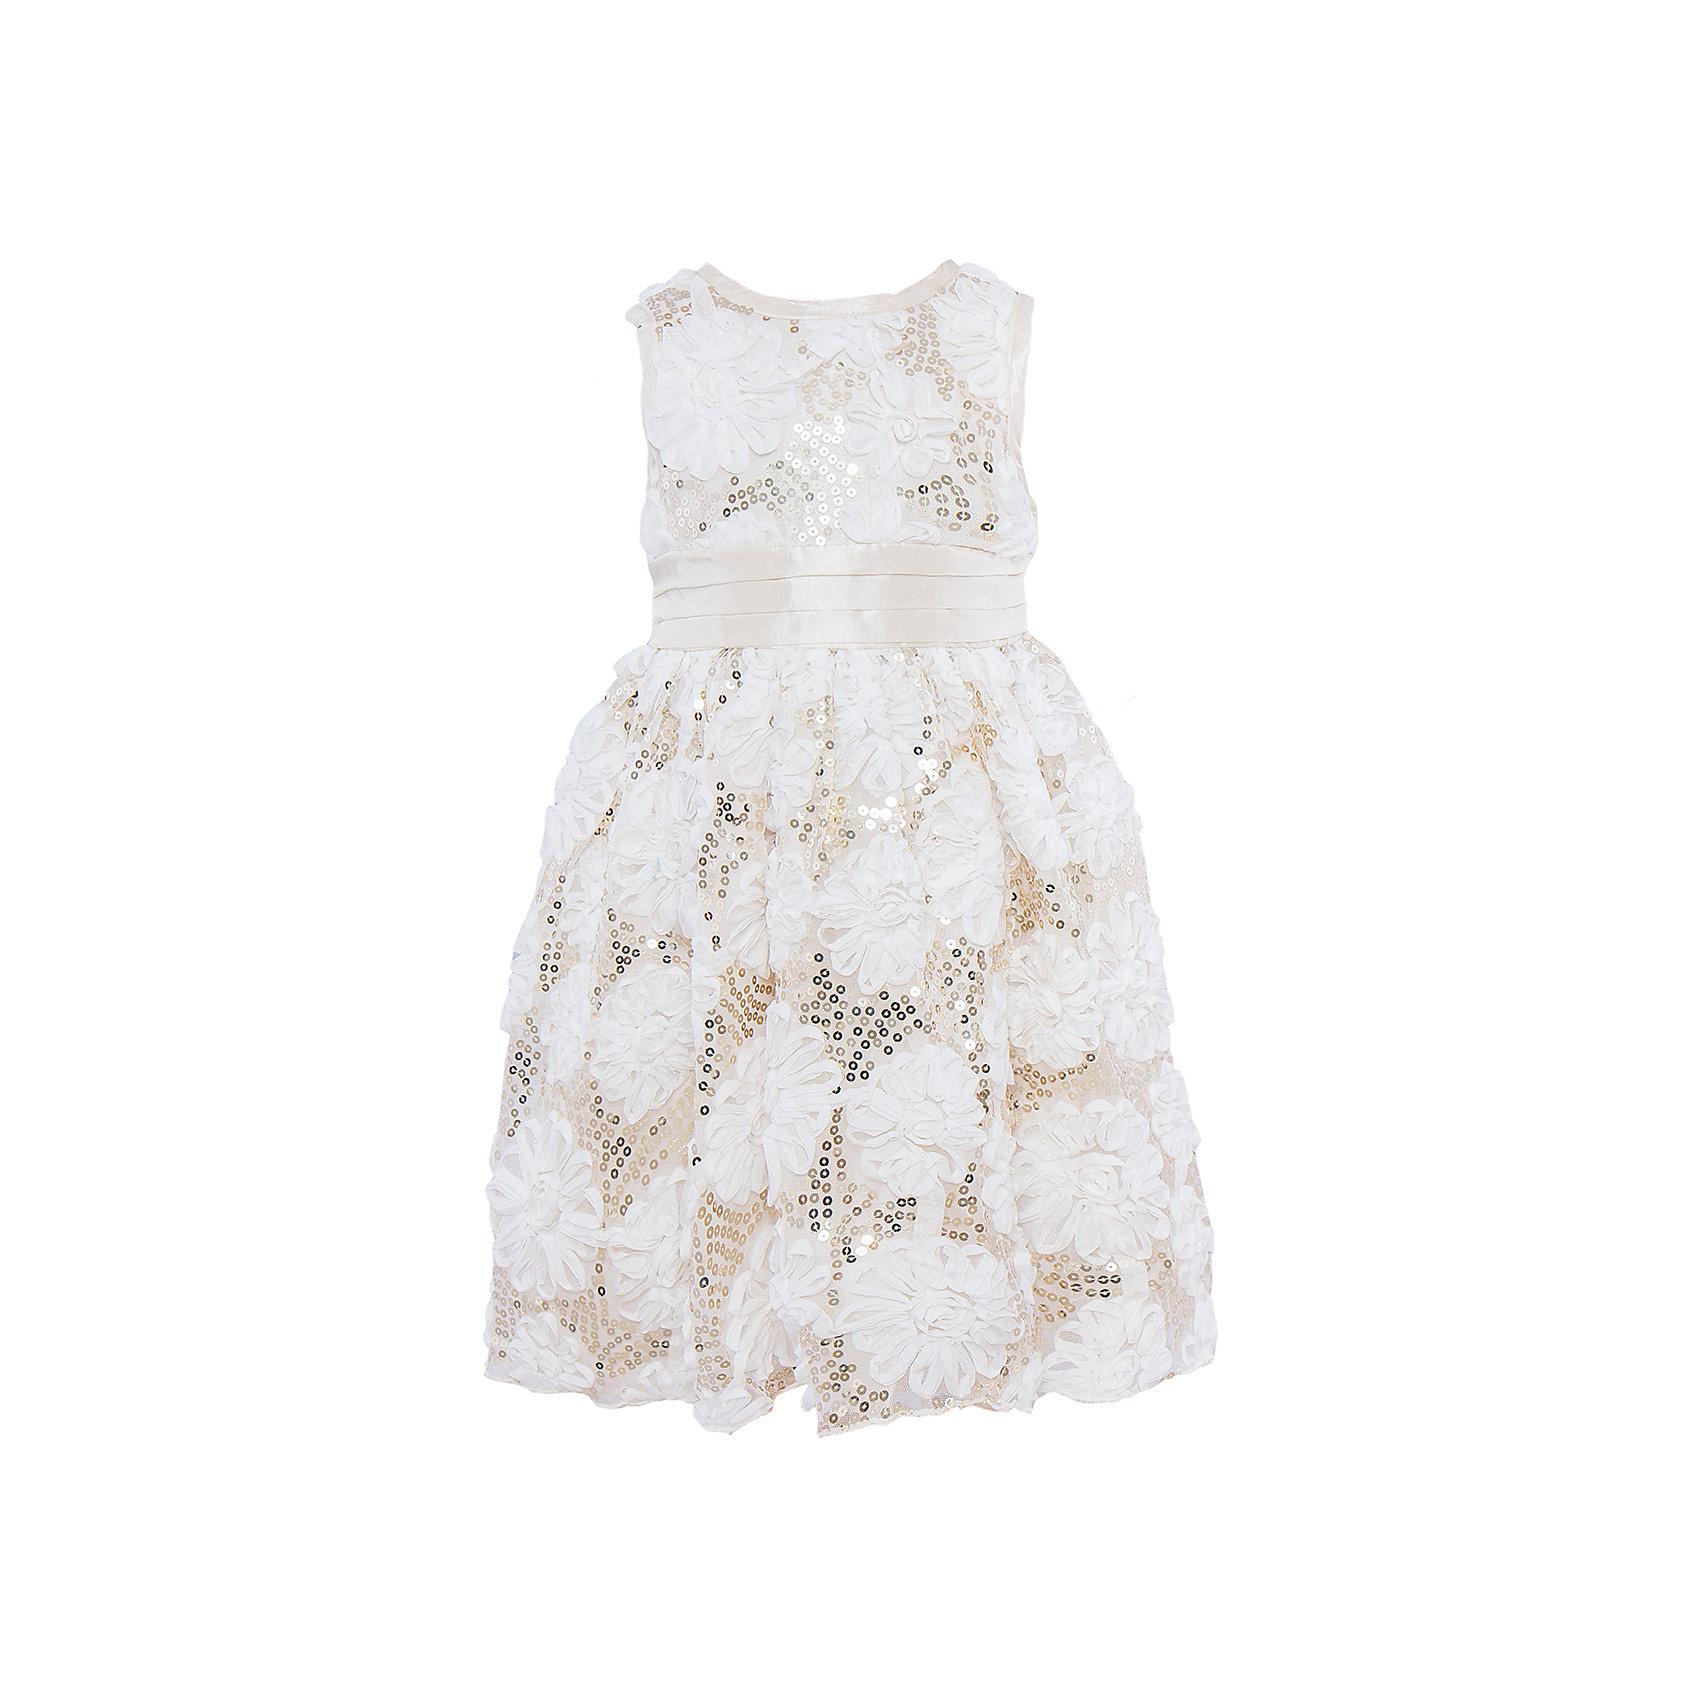 Платье Sweet BerryНарядное платье из фактурной сетки. Сетка расшита лентами в виде цветов и золотистыми пайетками. Пояс из тафты завязывается сзади на бант. Платье на молнии сзади.<br>Состав:<br>Верх: 100% полиэстер, Подкладка: 100% хлопок<br><br>Ширина мм: 236<br>Глубина мм: 16<br>Высота мм: 184<br>Вес г: 177<br>Цвет: бежевый<br>Возраст от месяцев: 24<br>Возраст до месяцев: 36<br>Пол: Женский<br>Возраст: Детский<br>Размер: 122,98,116,110,128,104<br>SKU: 4299445